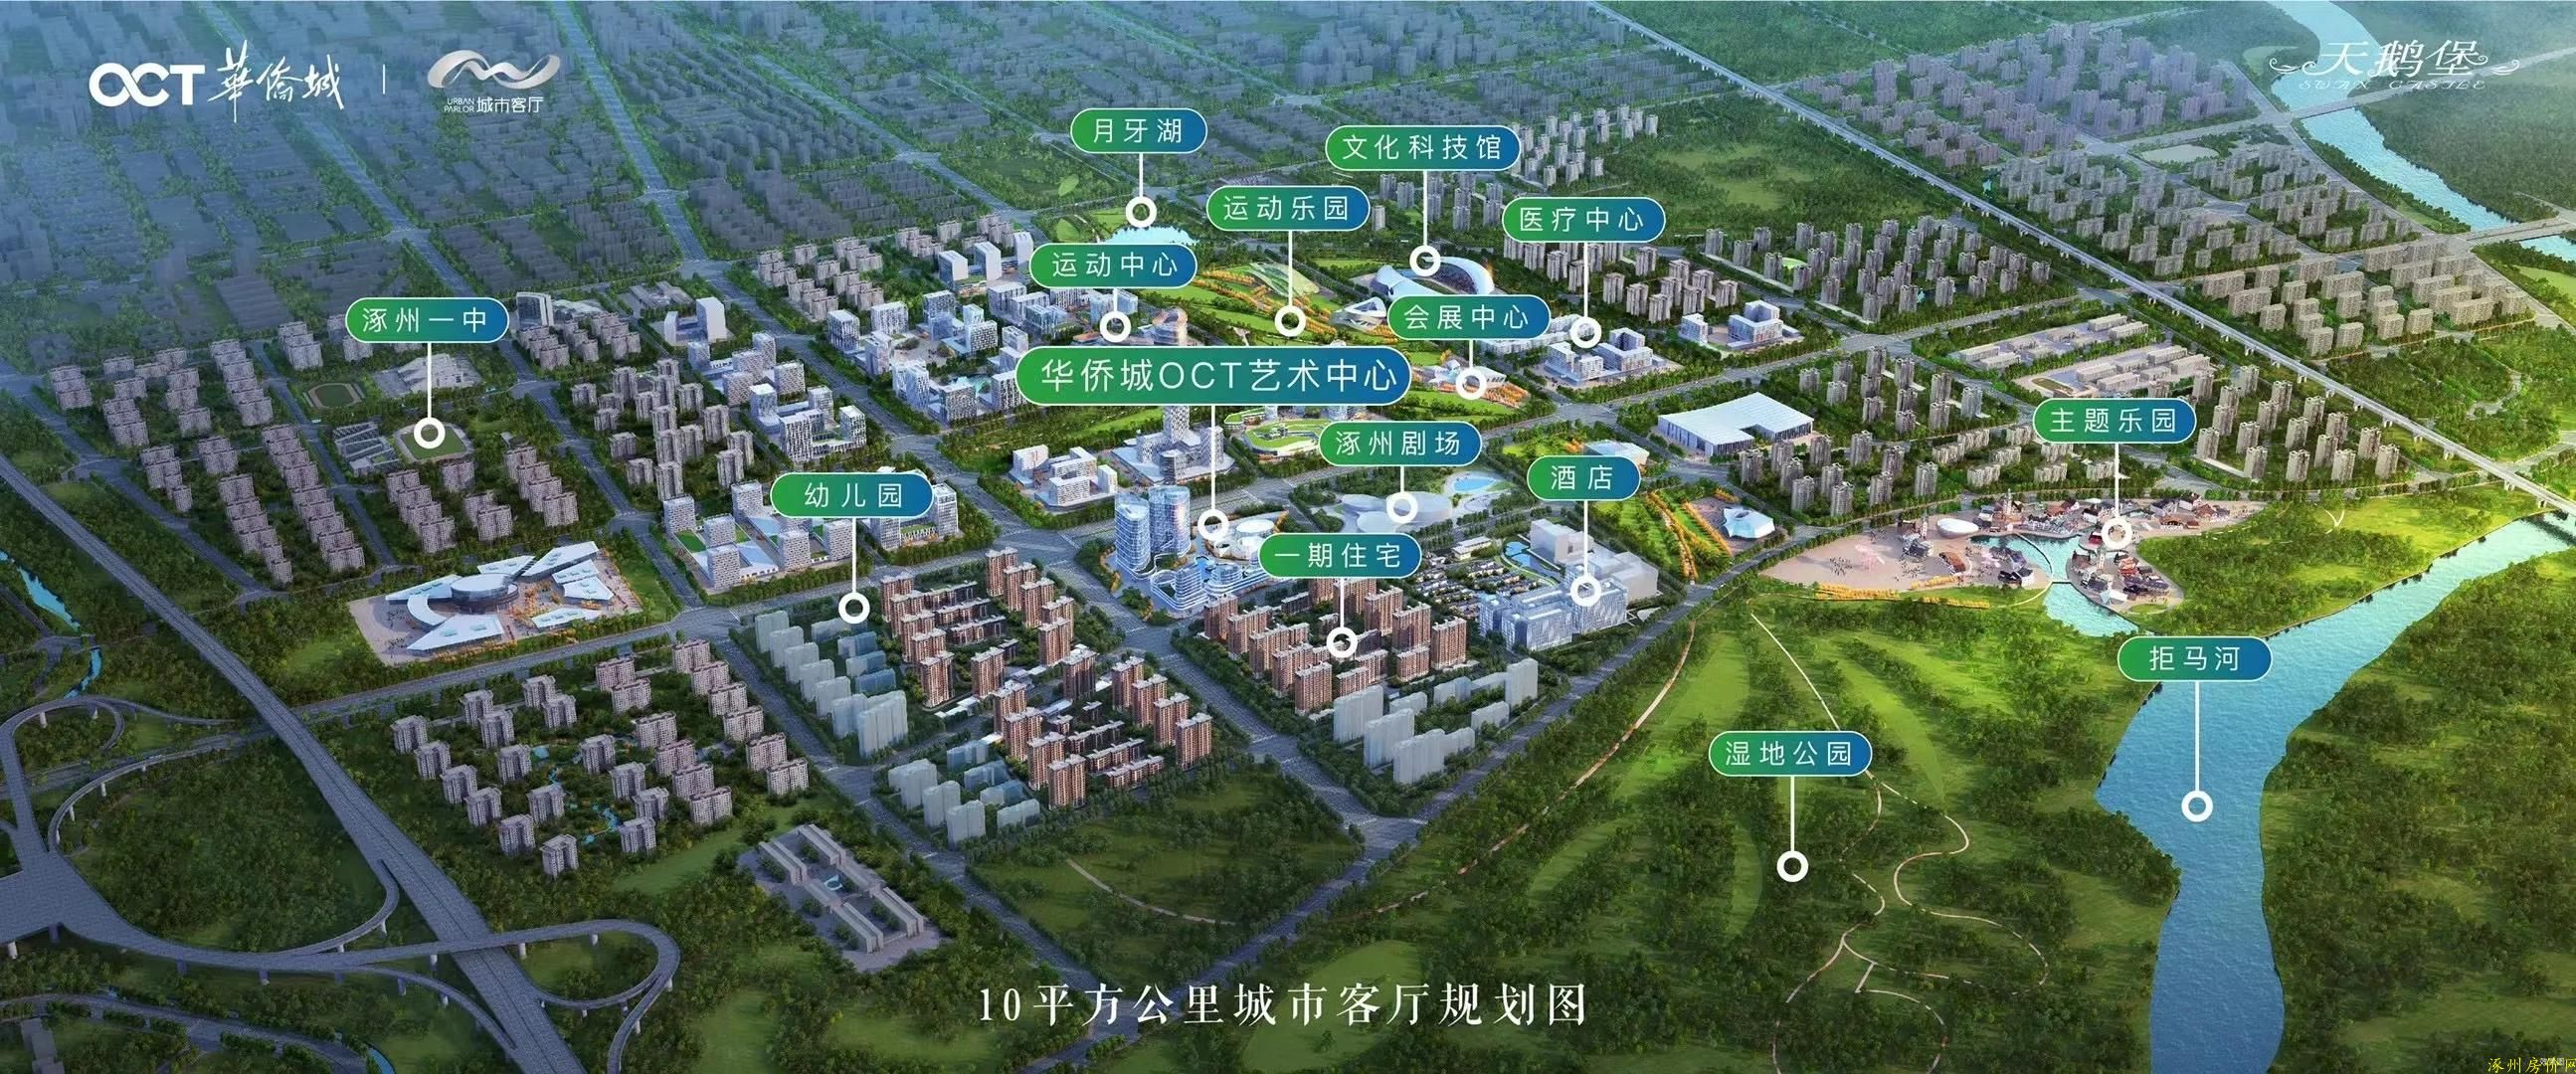 涿州新房楼盘